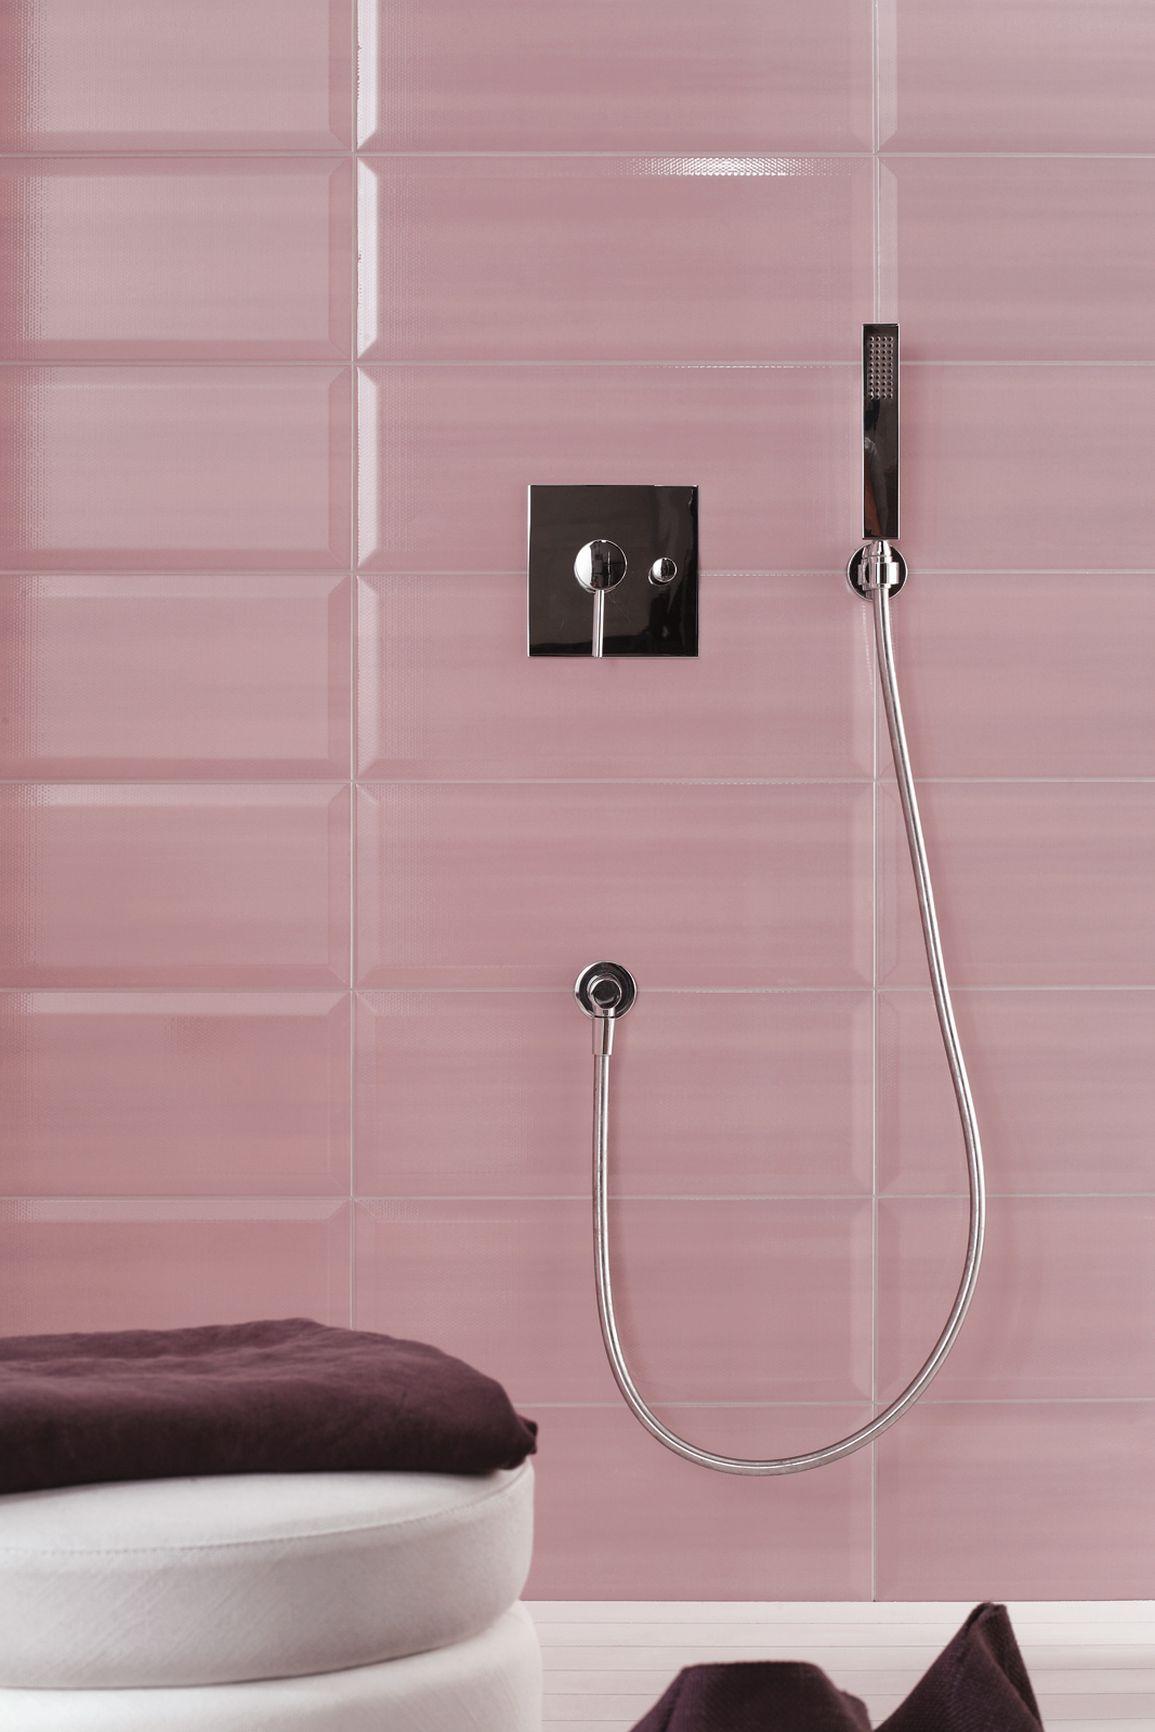 Interiors - Revtements pour cuisine et salle de bain Marazzi